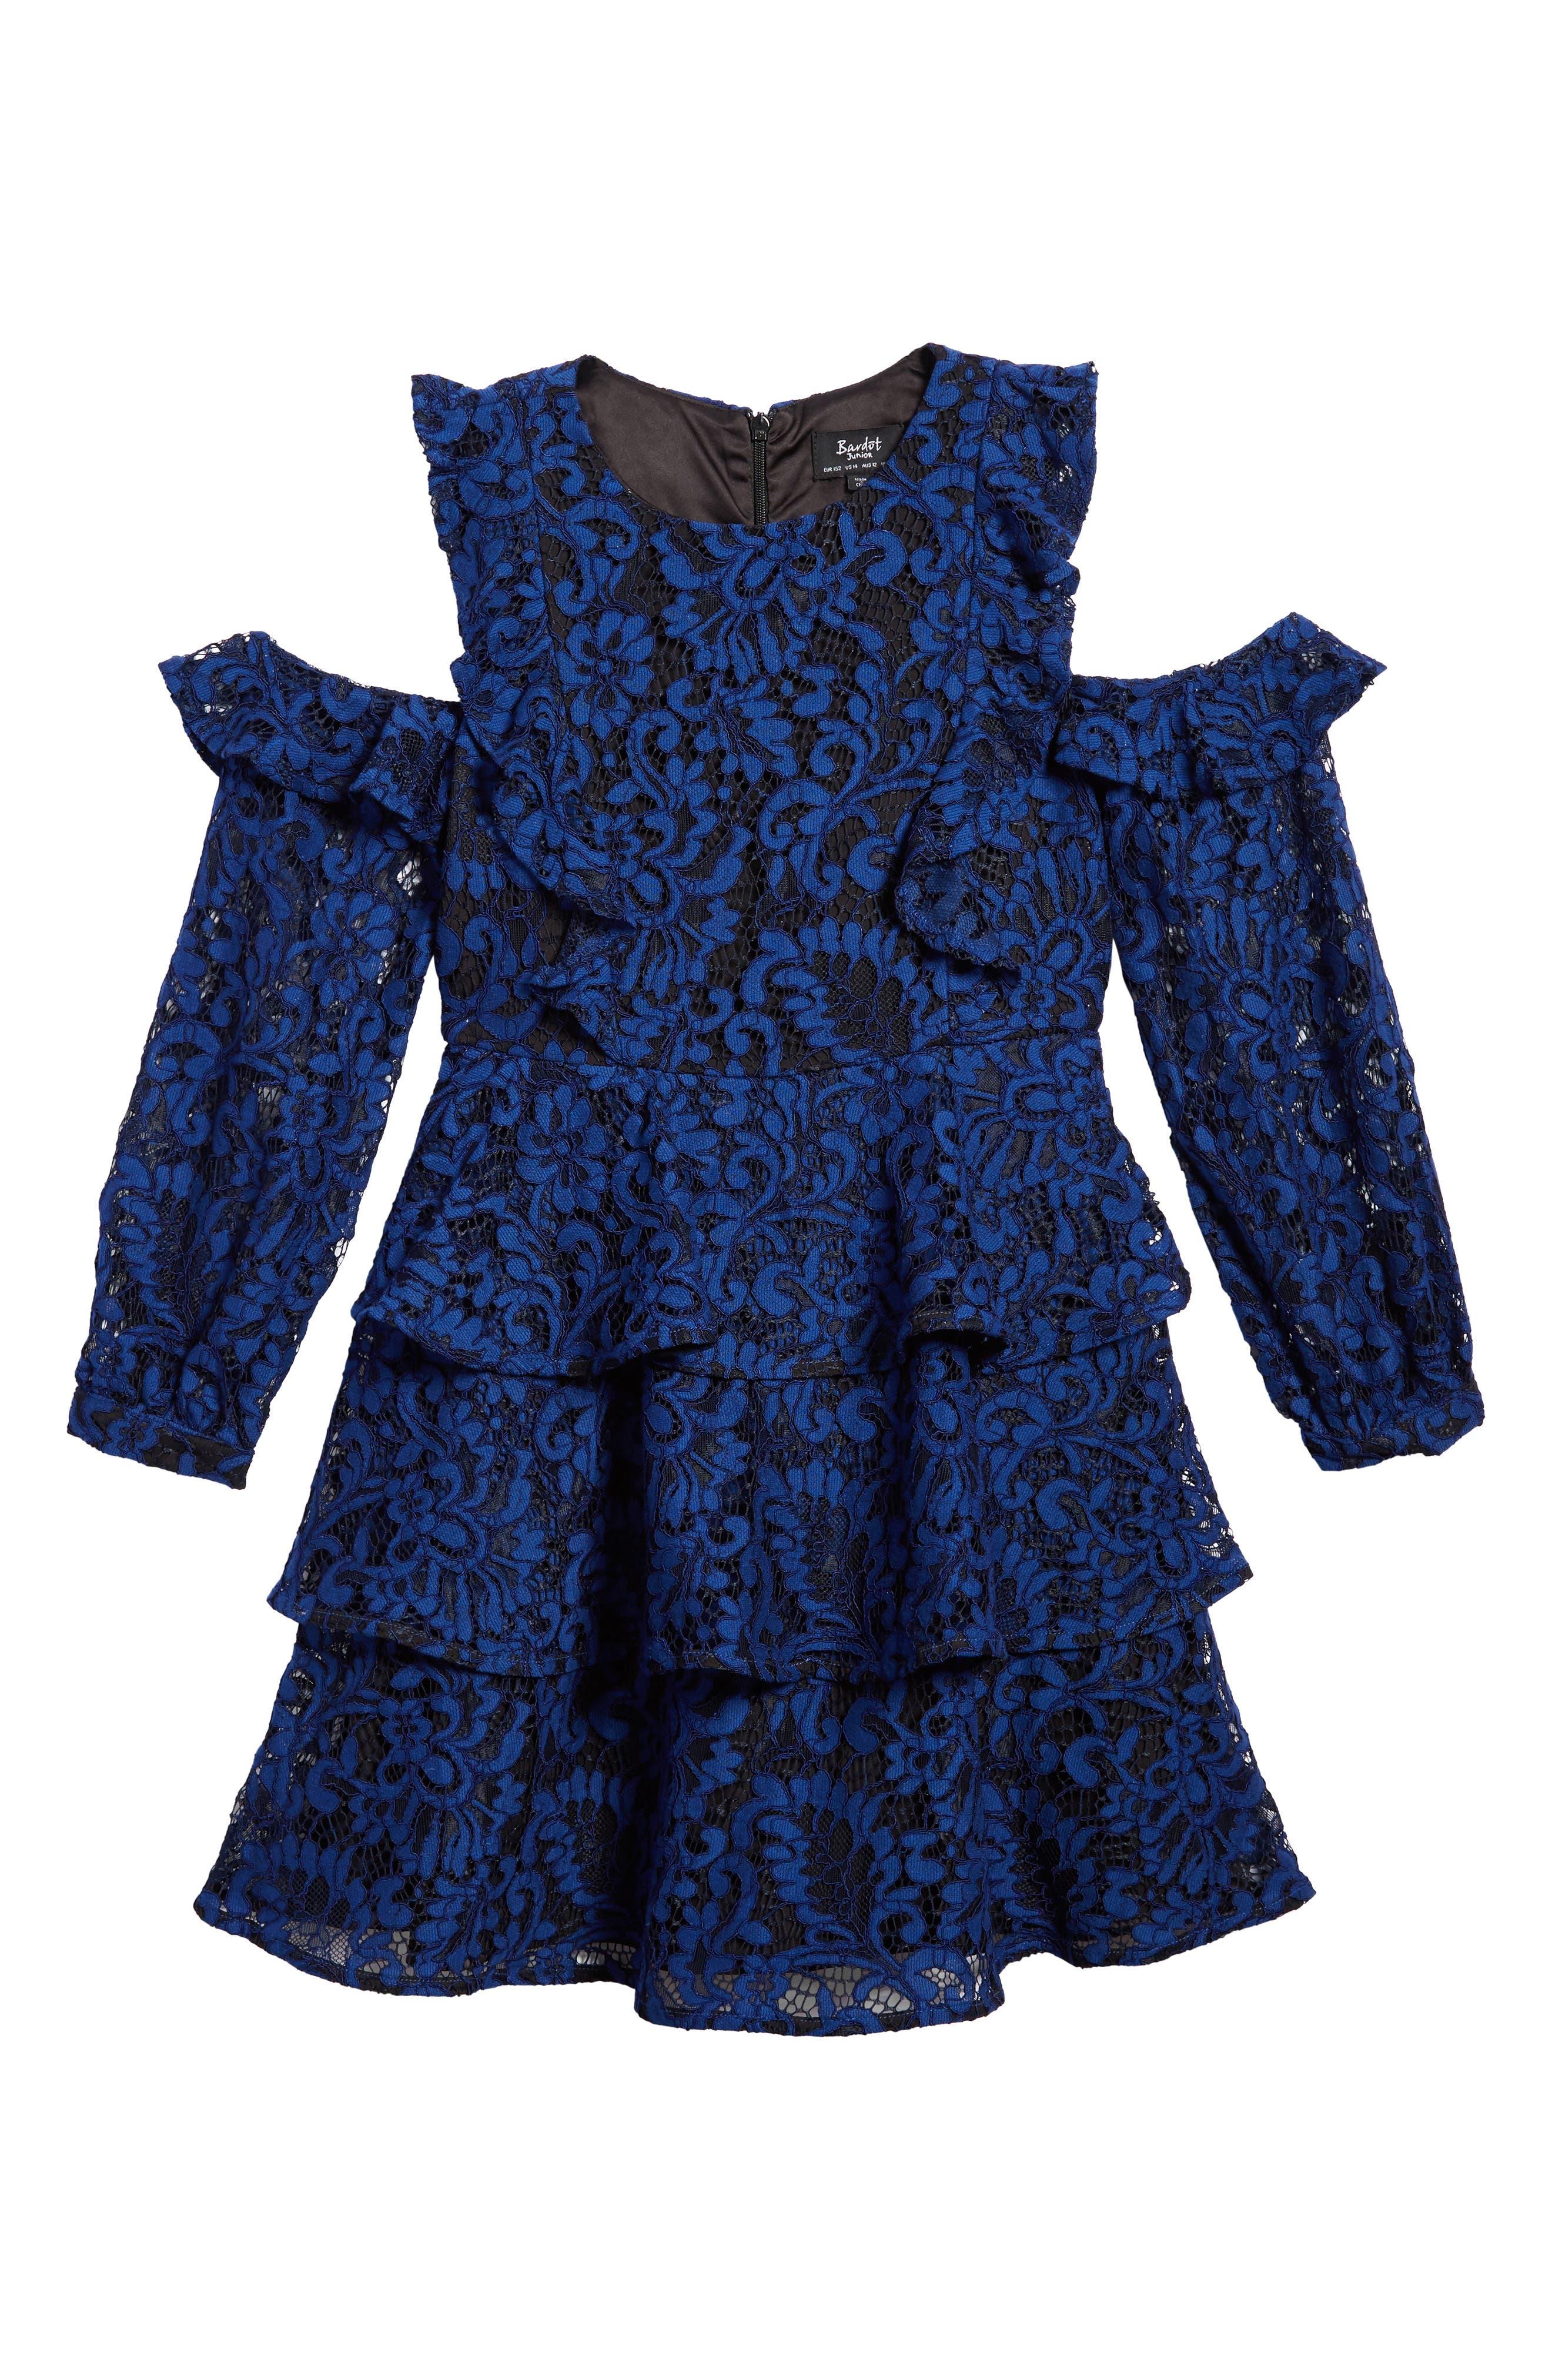 Ruffle Lace Cold Shoulder Dress,                         Main,                         color, Mezzarine Blue